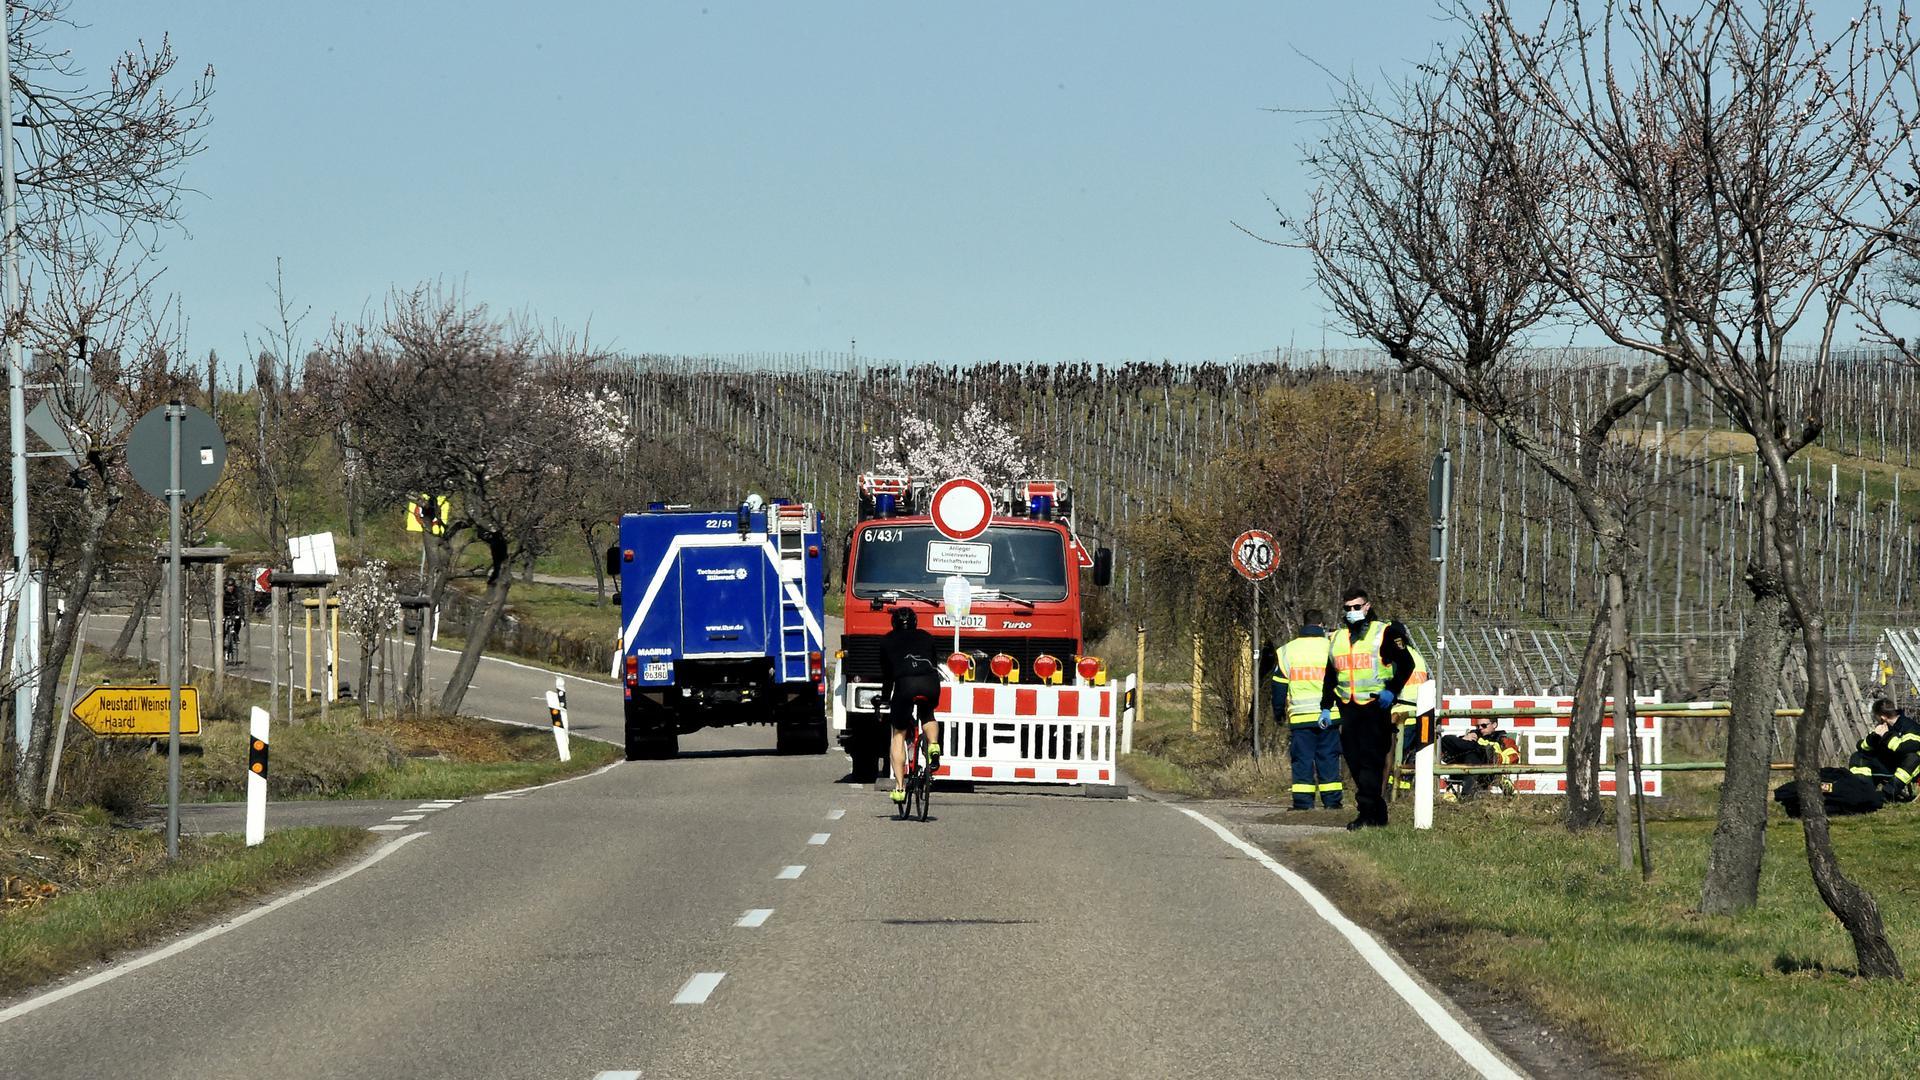 07.03.2021 Strassensperre Mandelblüte bei Neustadt/Gimmeldingen